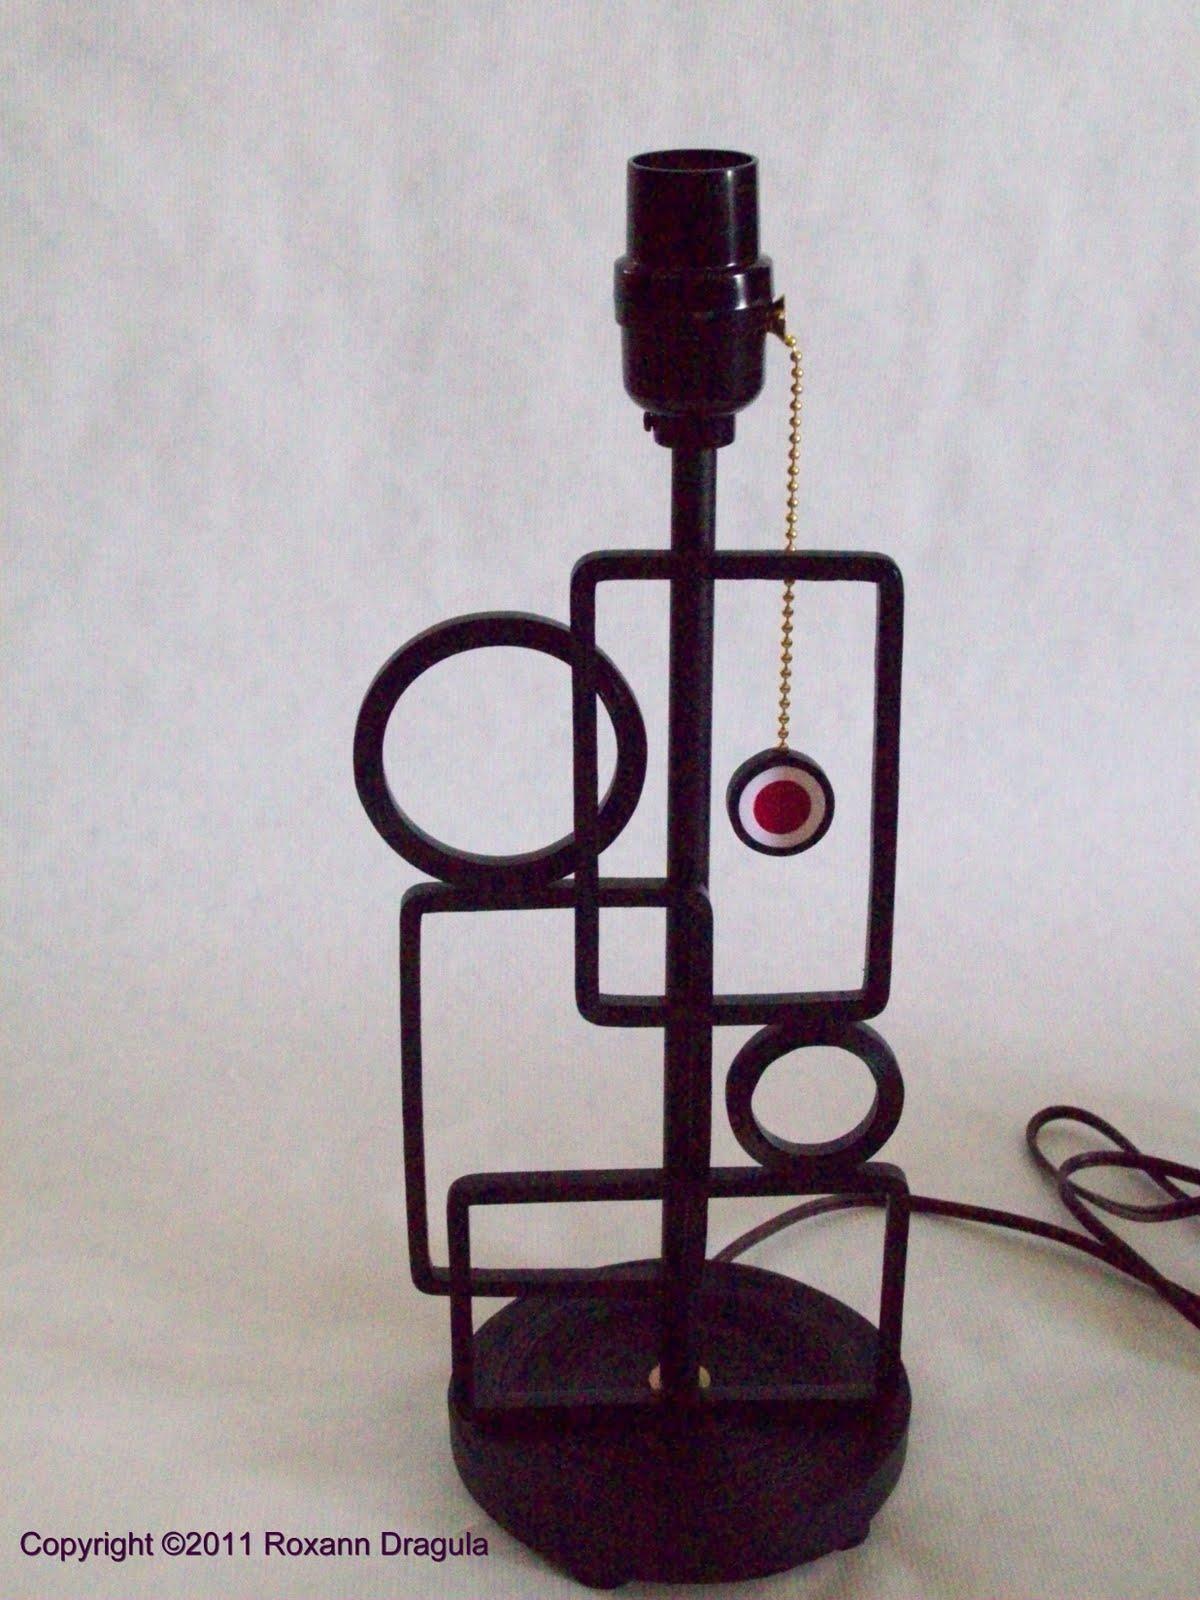 http://1.bp.blogspot.com/-SxLaRomTVAI/Tig0z7m7a3I/AAAAAAAABbE/kfxMR08zm3A/s1600/Quilled+Faux+Wrought+Iron+Lamp+No+Shade.jpg